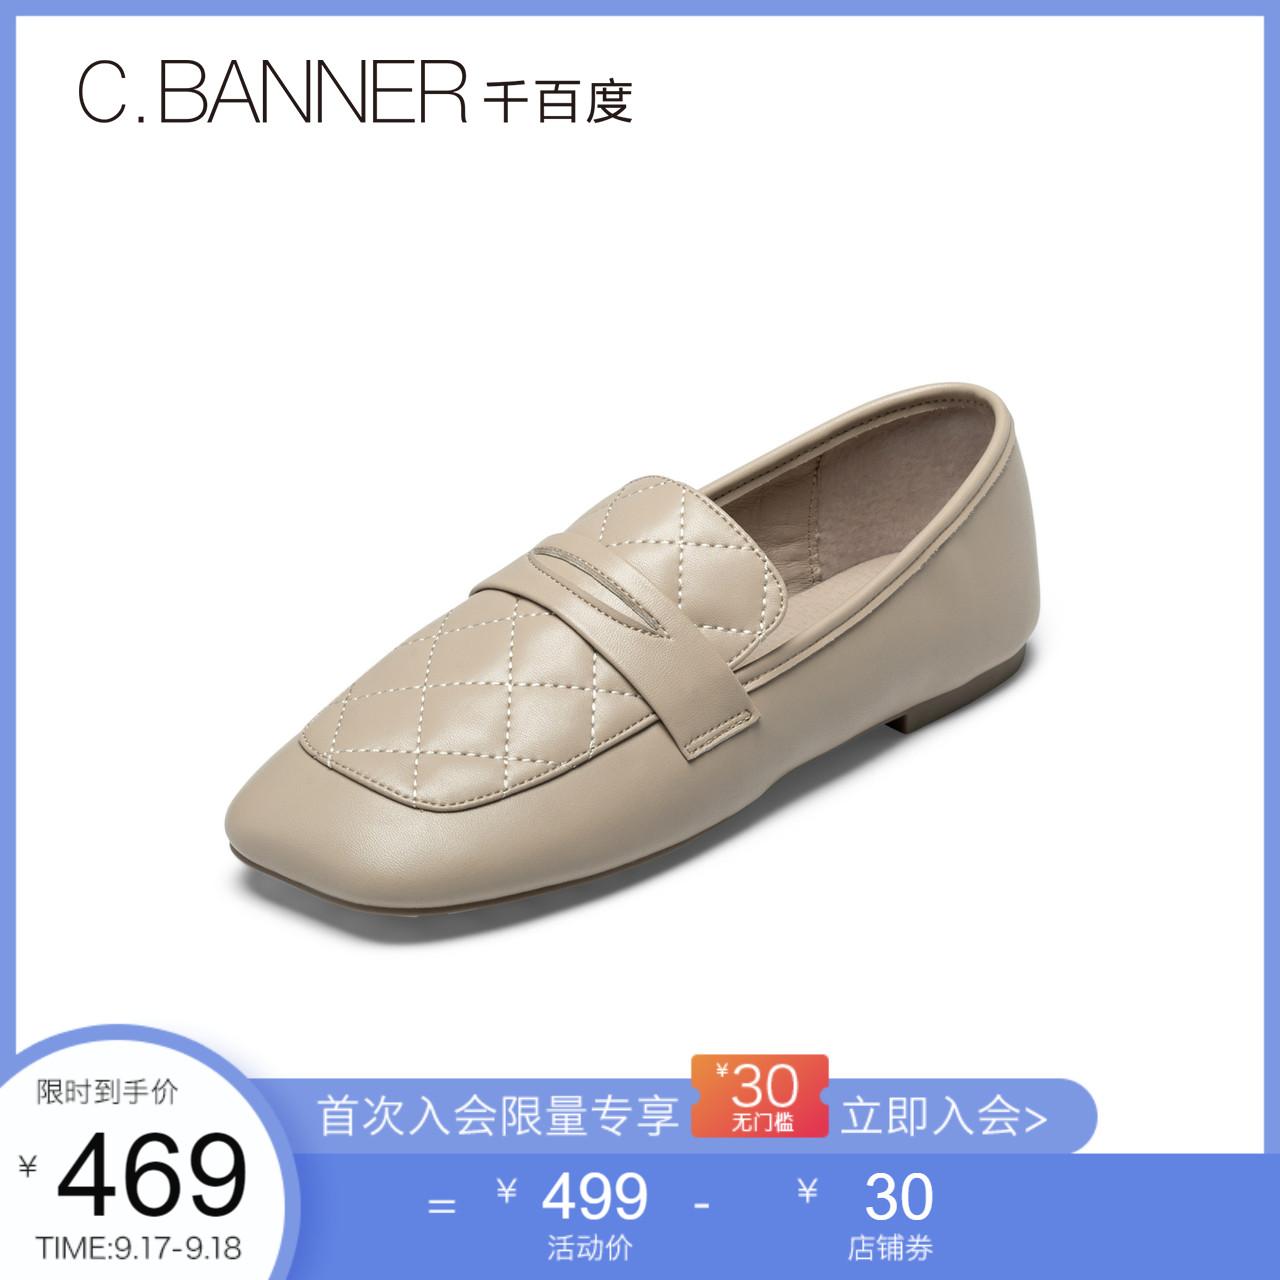 新款潮流乐福鞋复古方头真皮单鞋一脚蹬简约懒人鞋2020千百度女鞋